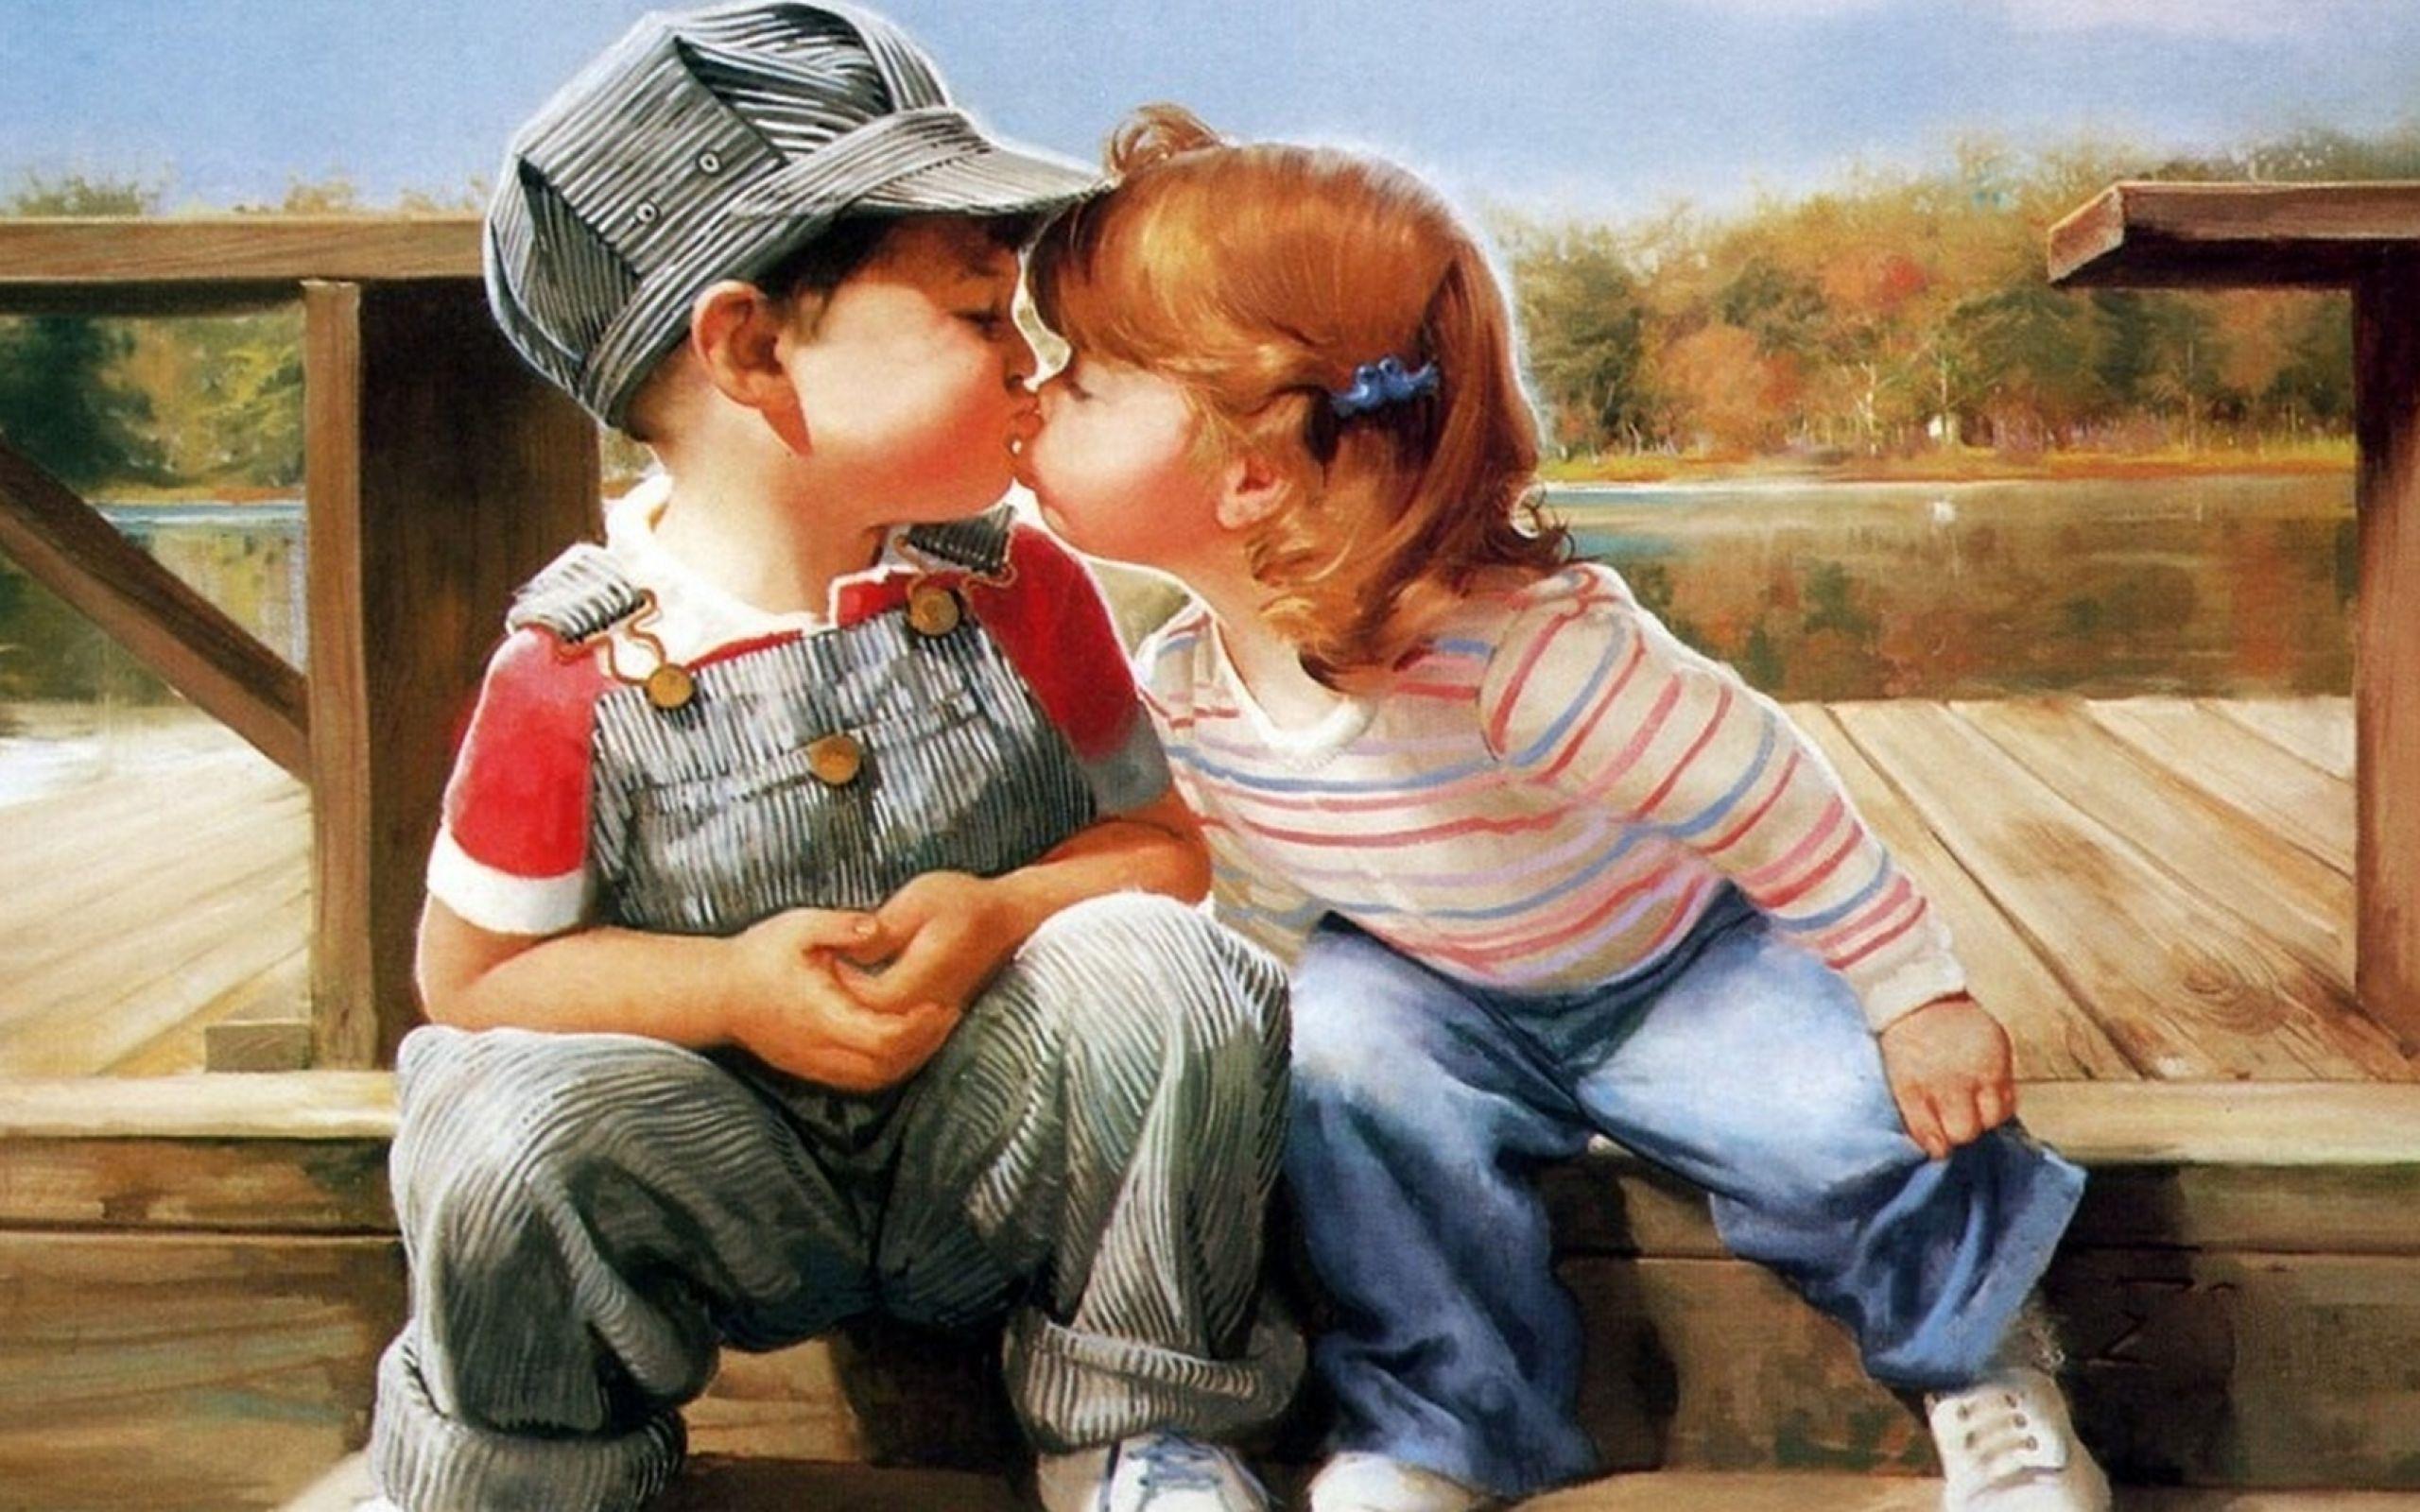 образом милые поцелуйчики картинки утверждают, что